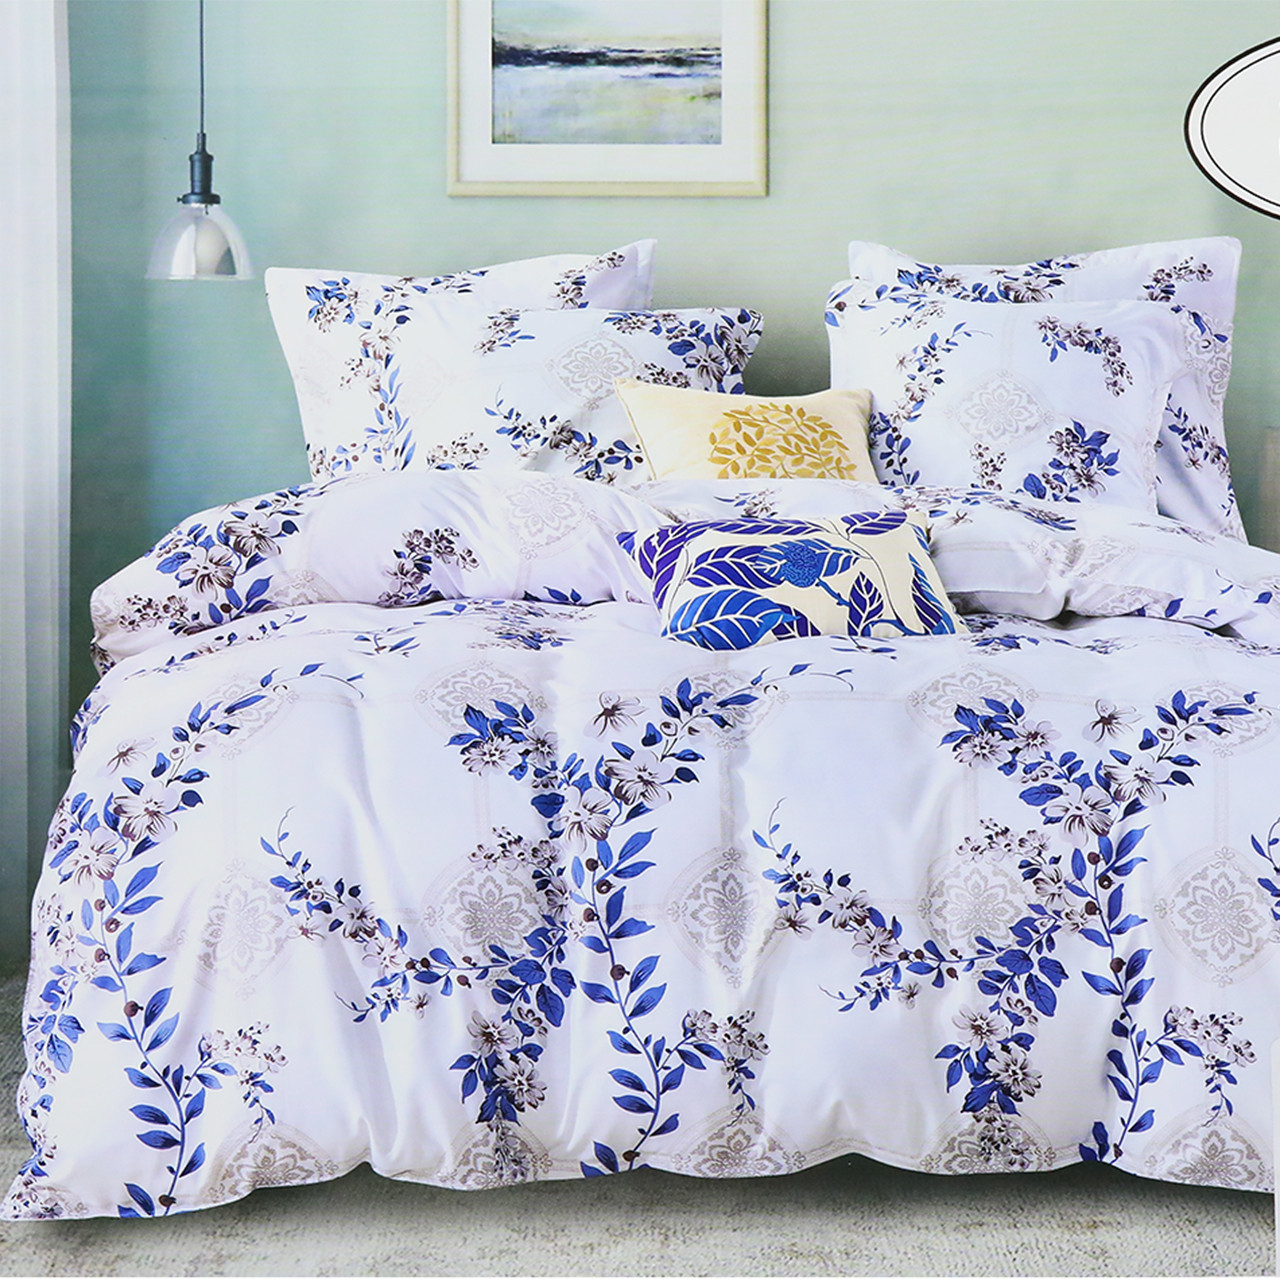 Комплект постельного белья евро Koloco белые Цветы 200x230см сатин